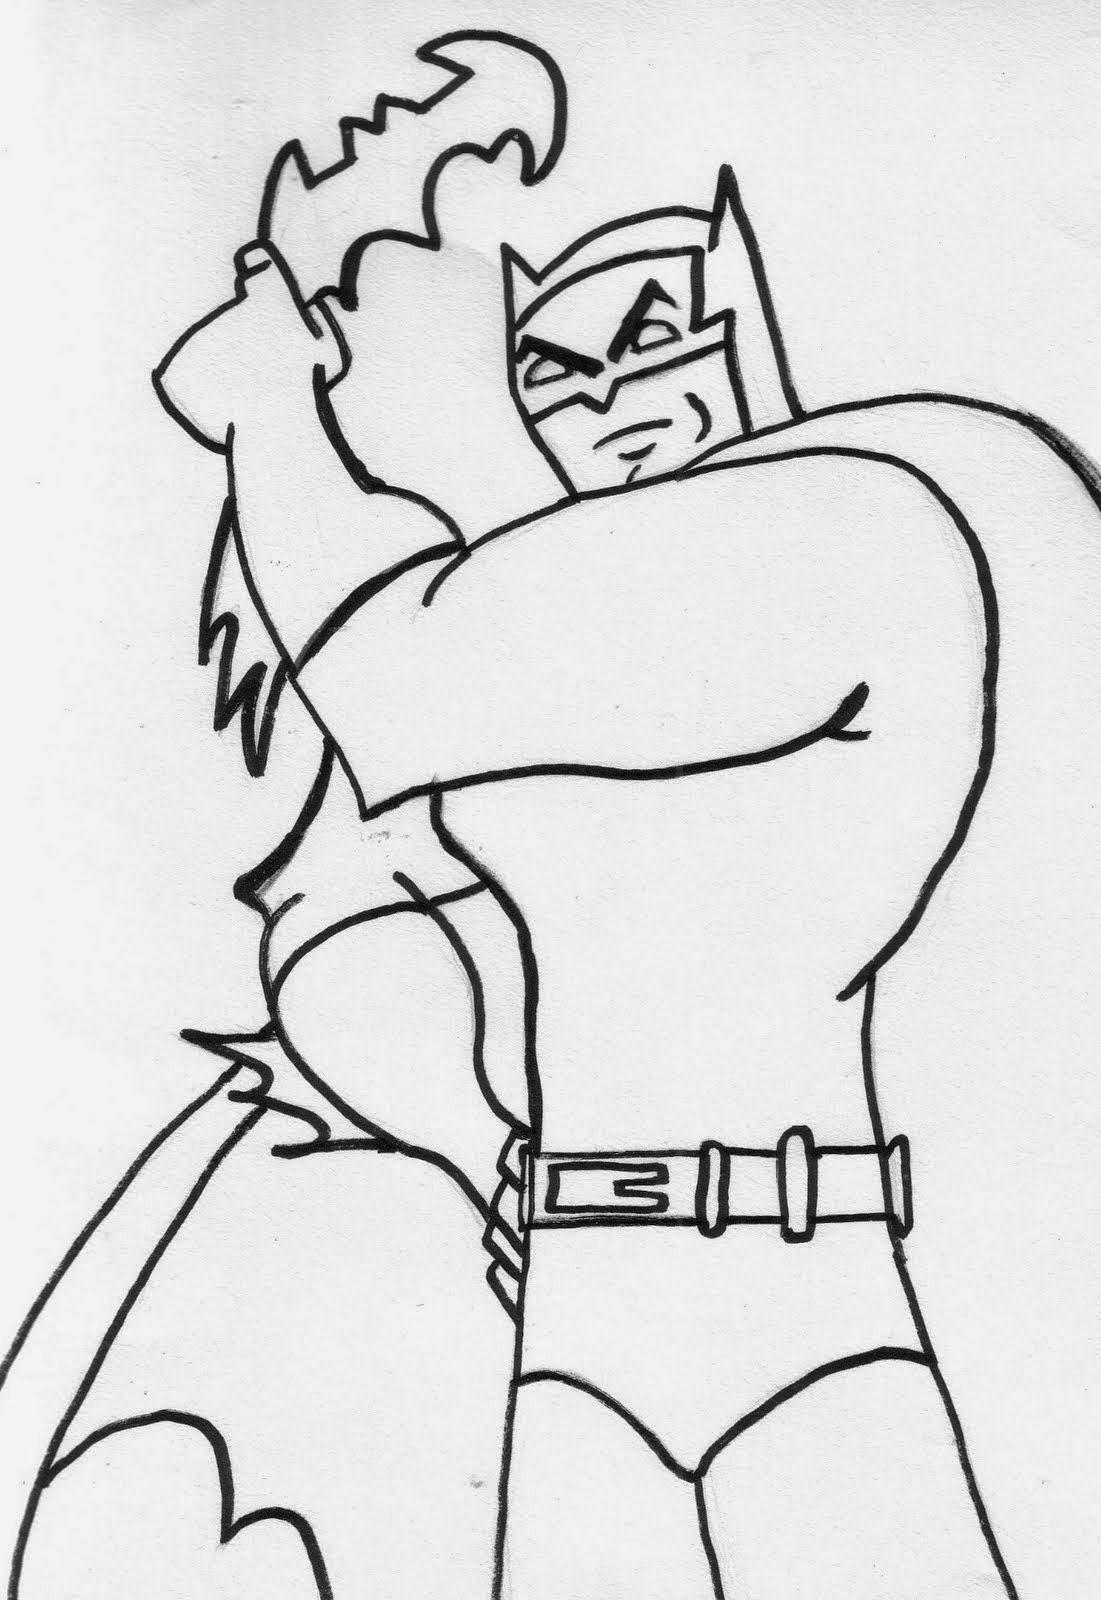 Coloring pages batman free downloadable coloring pages for Batman coloring pages free